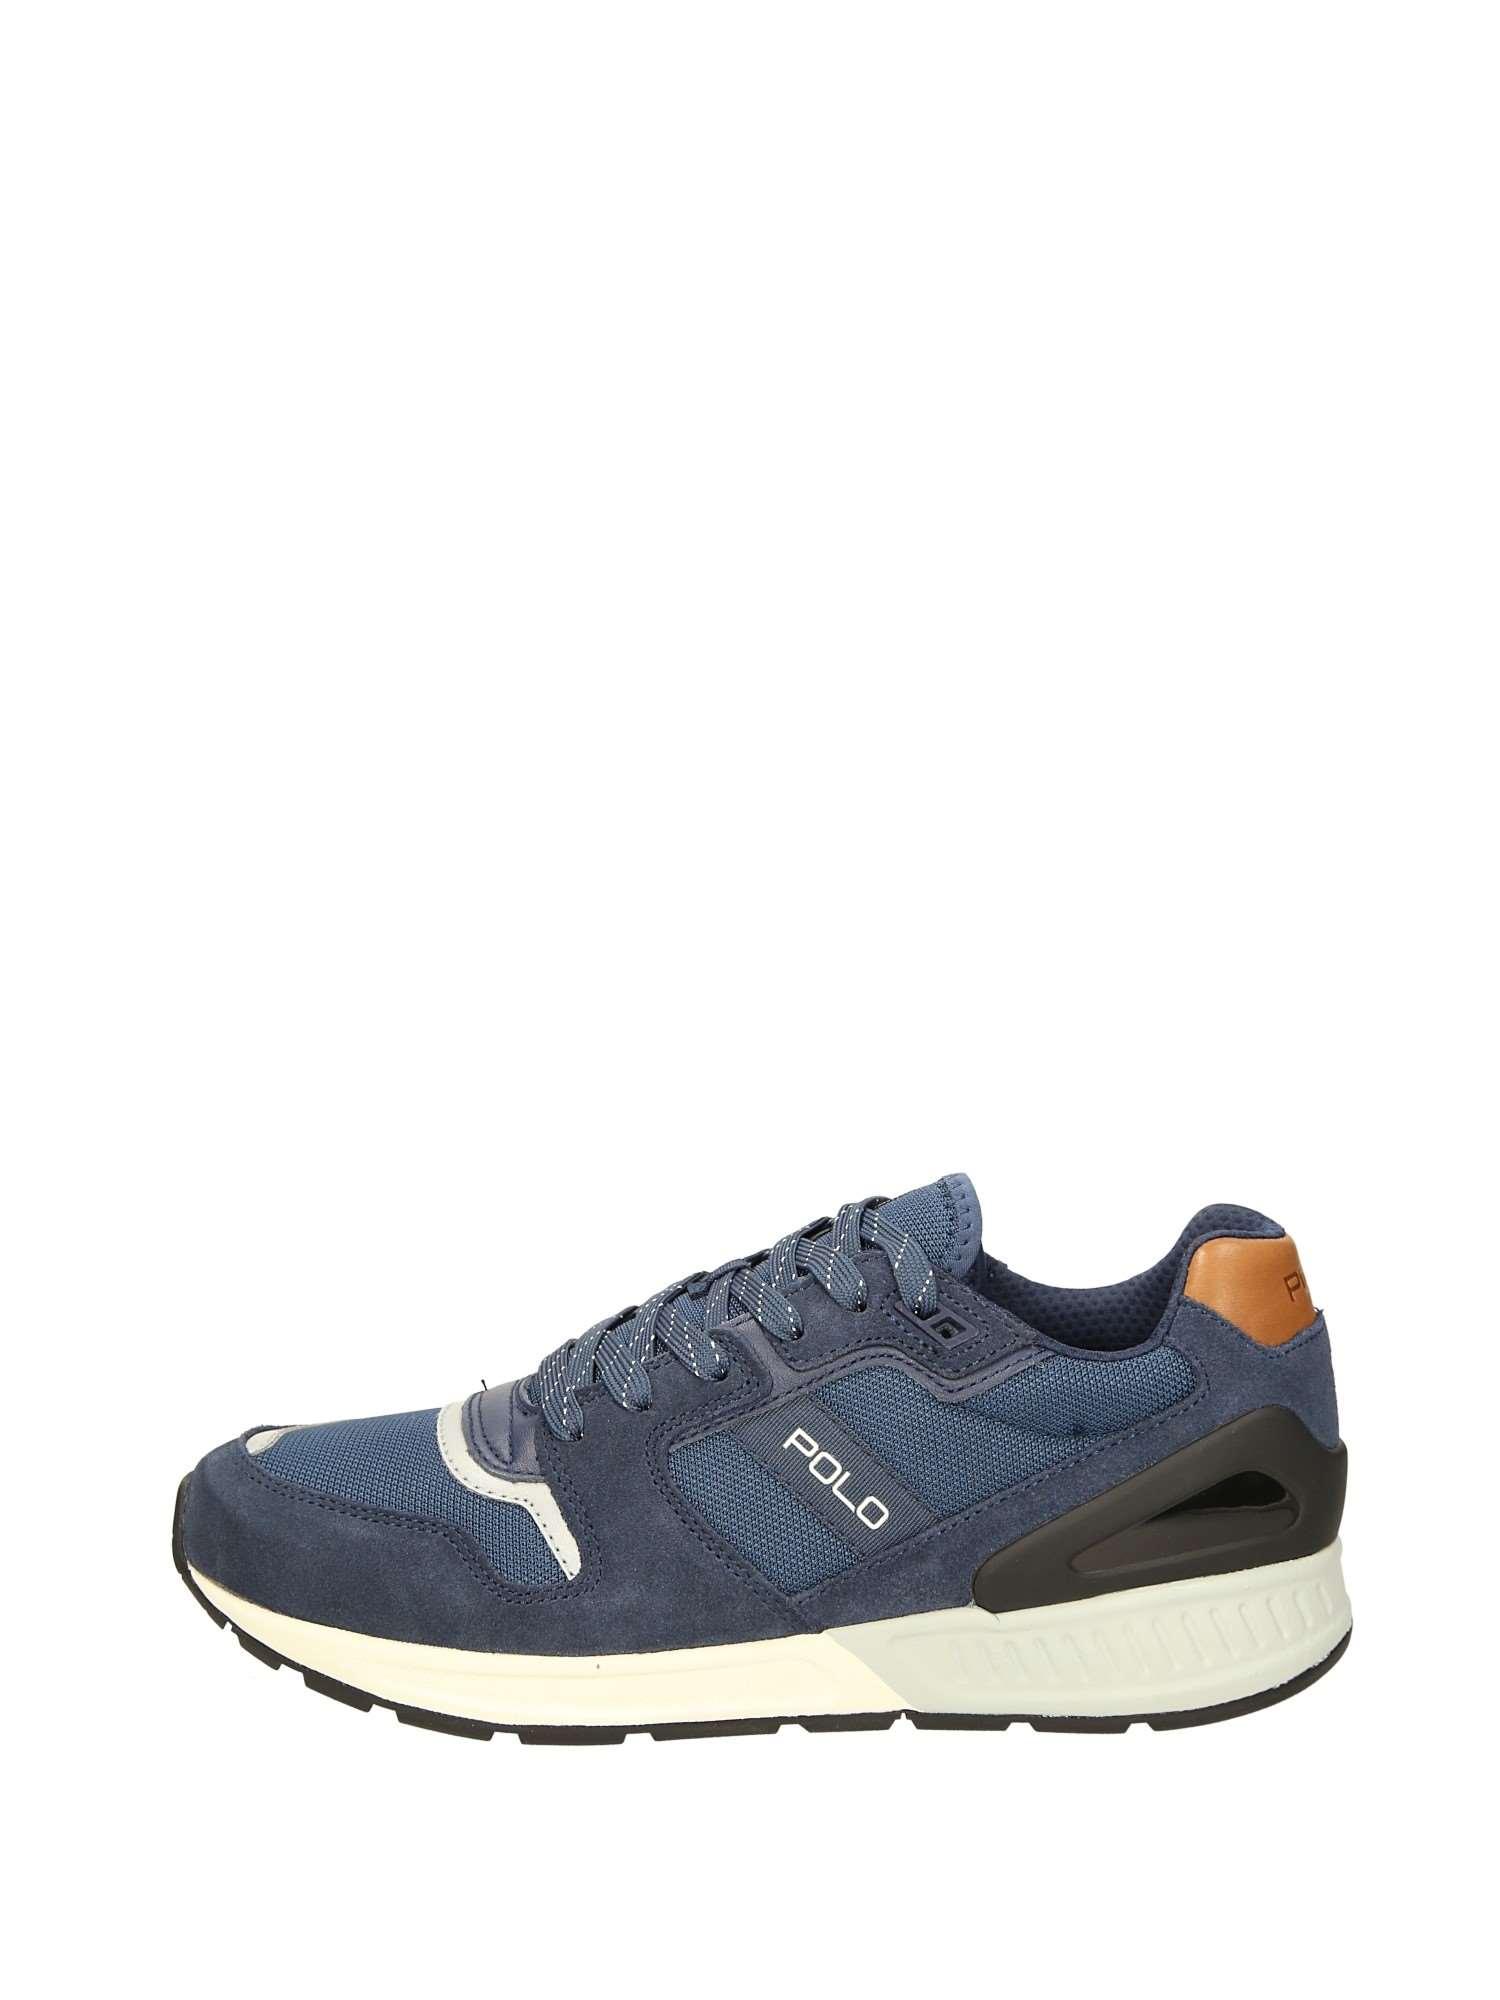 50 BluUomo Polo Sneakers Ralph Lauren Basse uOPiTZkX